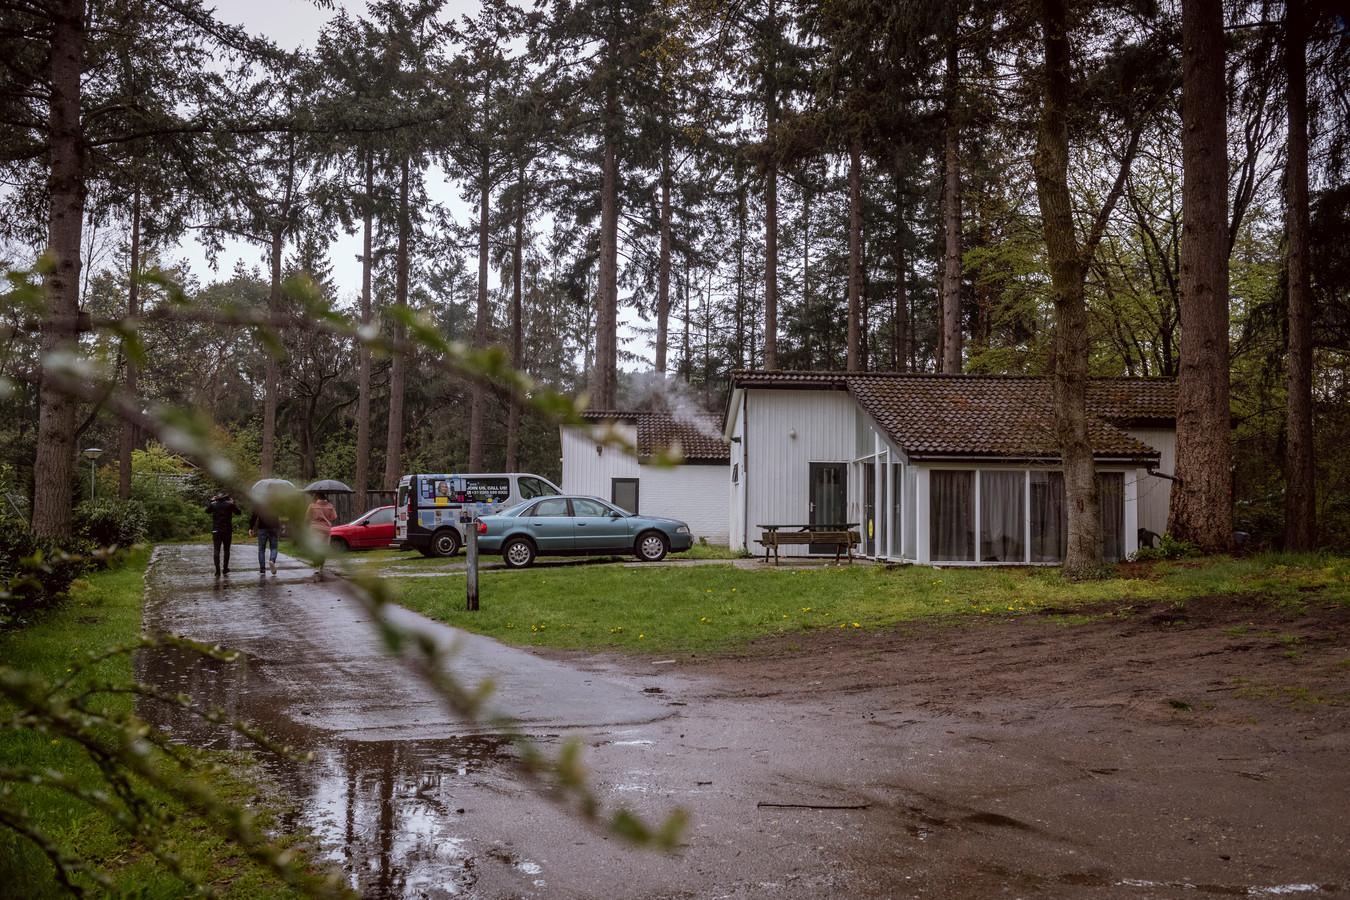 Op vakantiepark 't Reggehuus in Ommen wonen veel Poolse arbeidsmigranten, veel van hen zijn niet bij de gemeente ingeschreven. Niettemin wil de gemeente met zogenaamde tijdelijke wisselwoningen meer zicht krijgen op de seizoenwerkers.